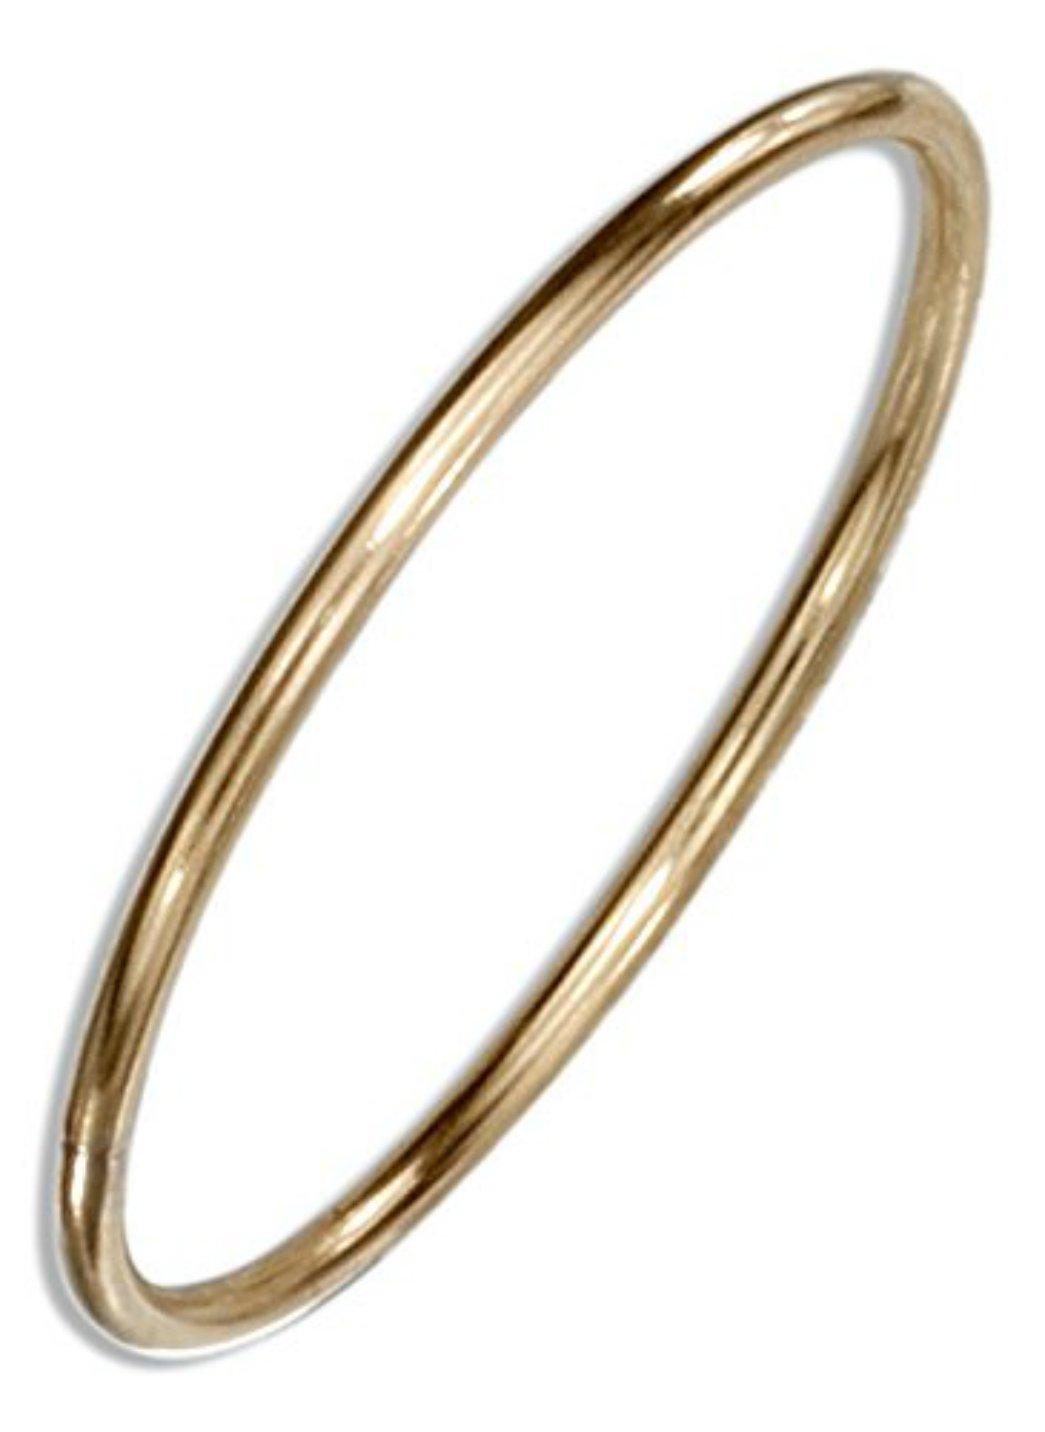 14k Gold Filled 1mm Thin Plain Band Thumb Ring Guard (8)